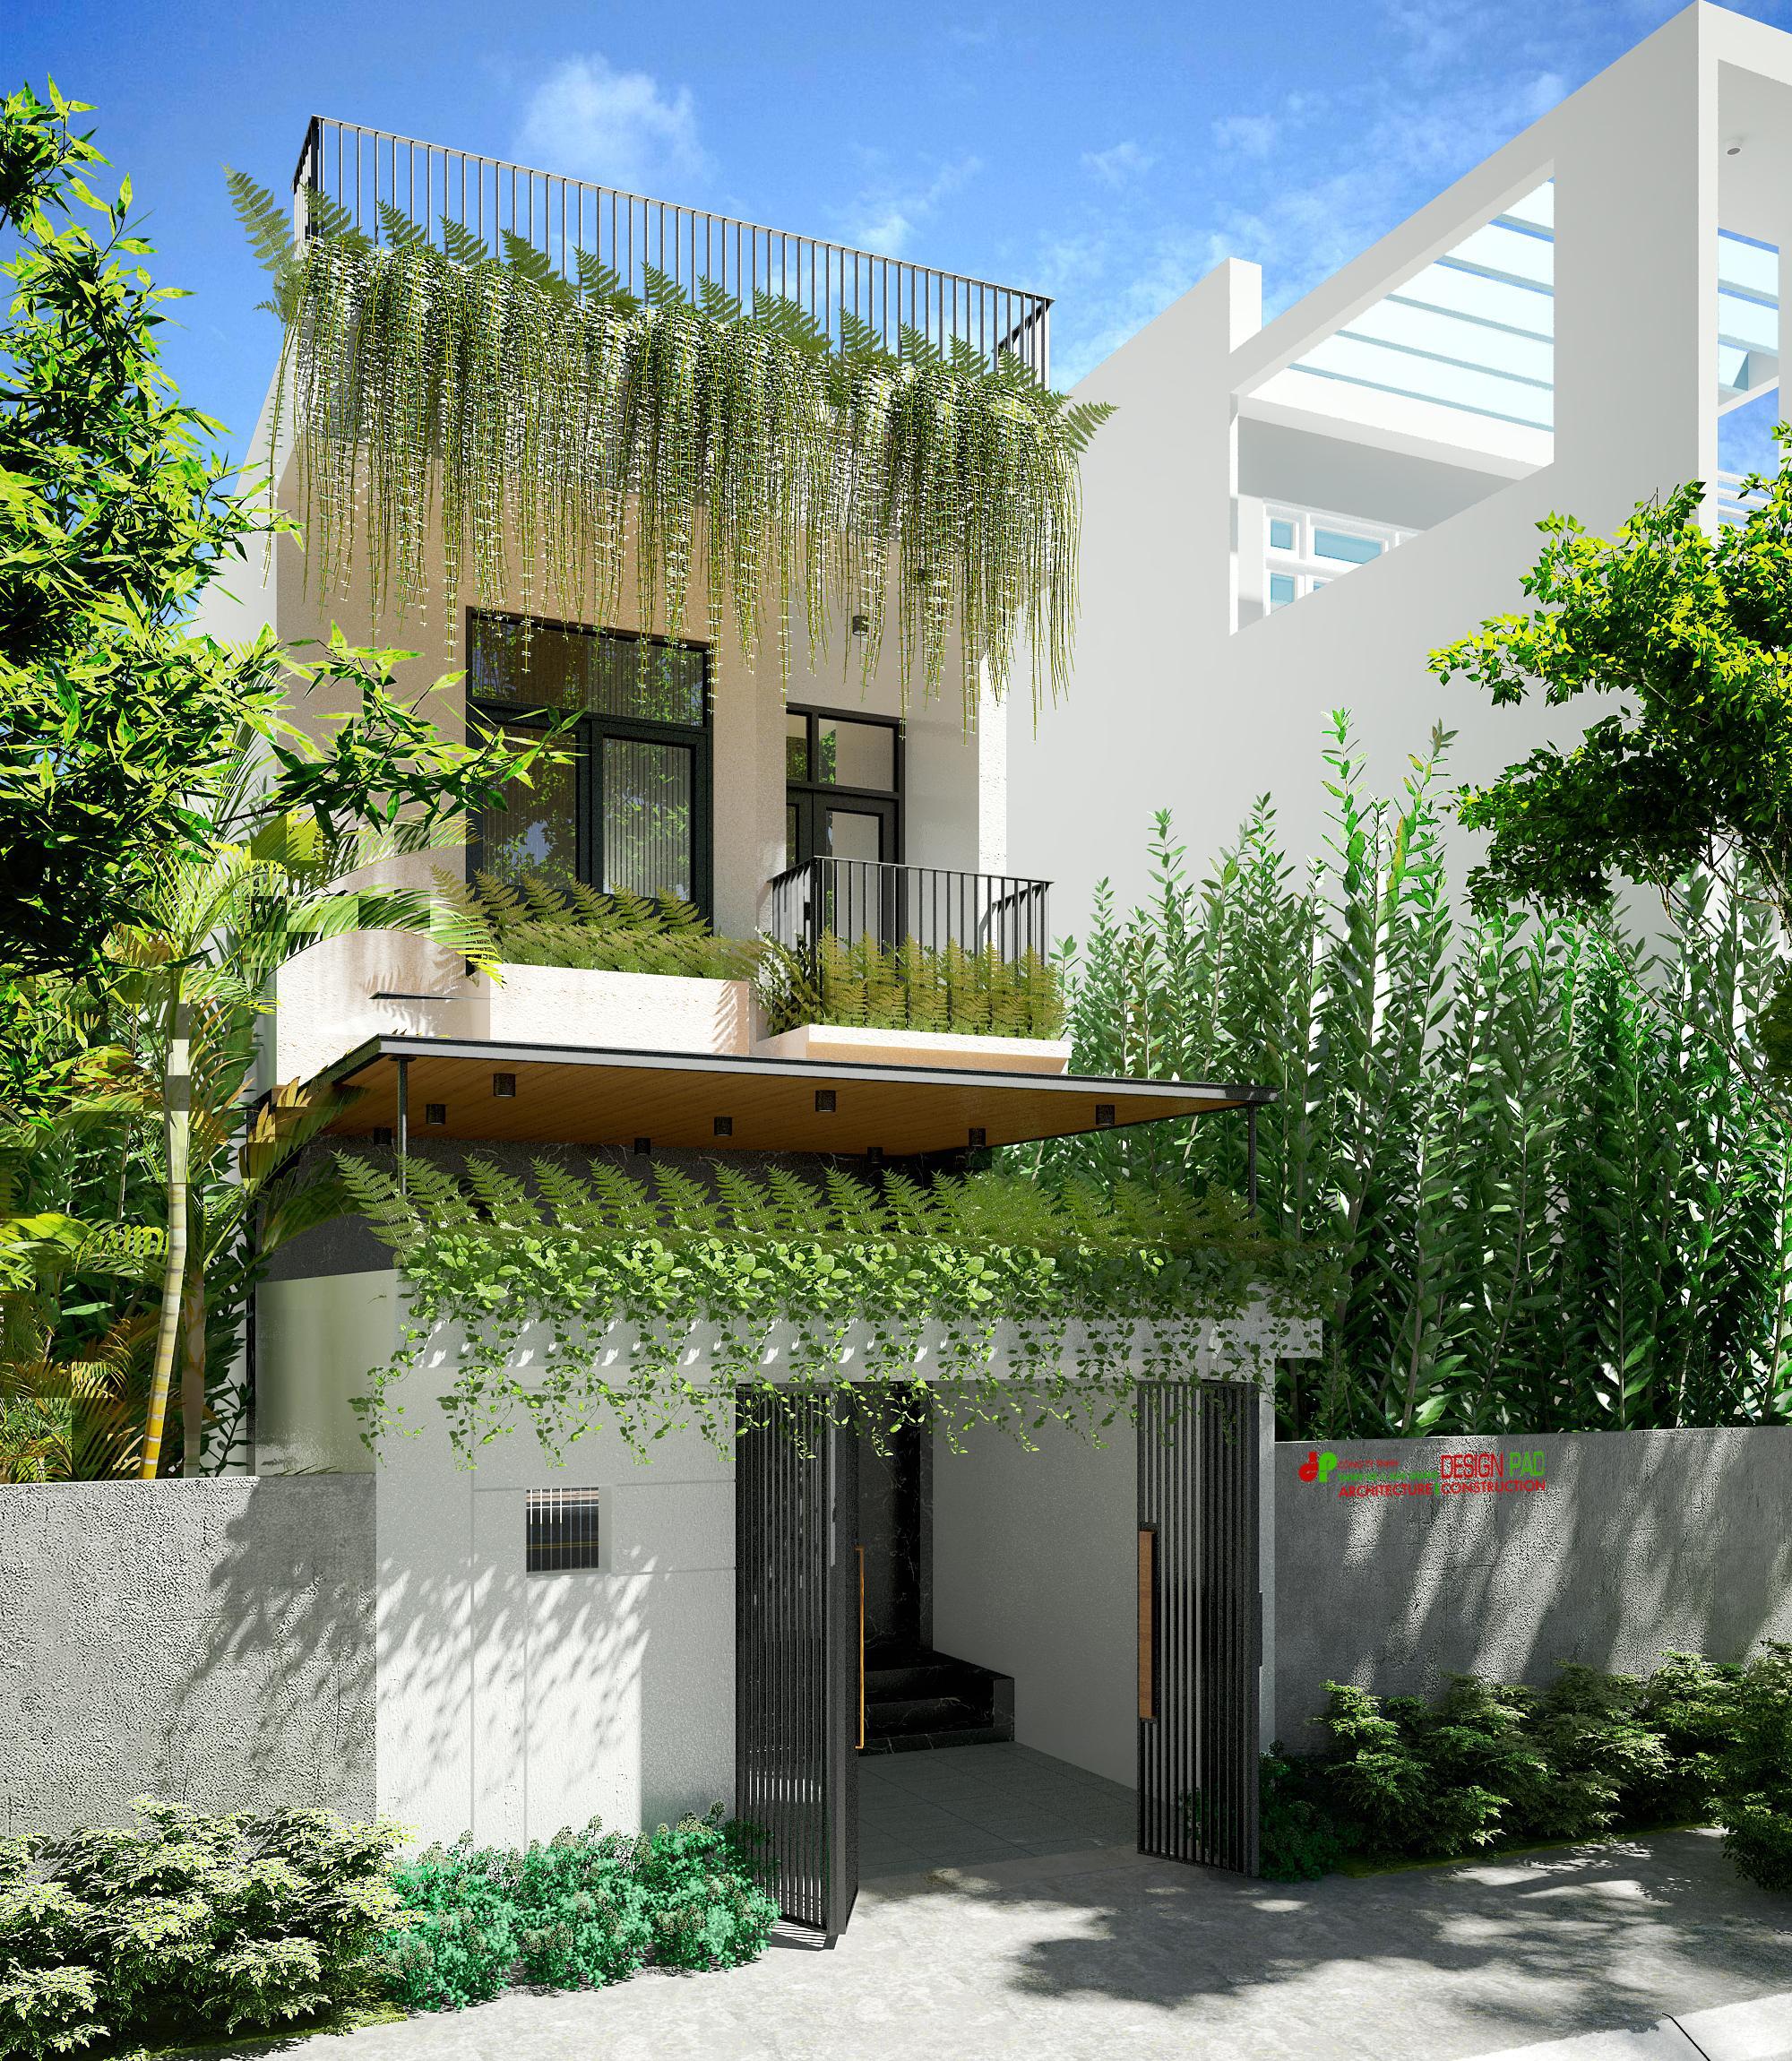 Thiết kế Nhà Mặt Phố tại Hồ Chí Minh Thủ Đức's House 1600102207 6